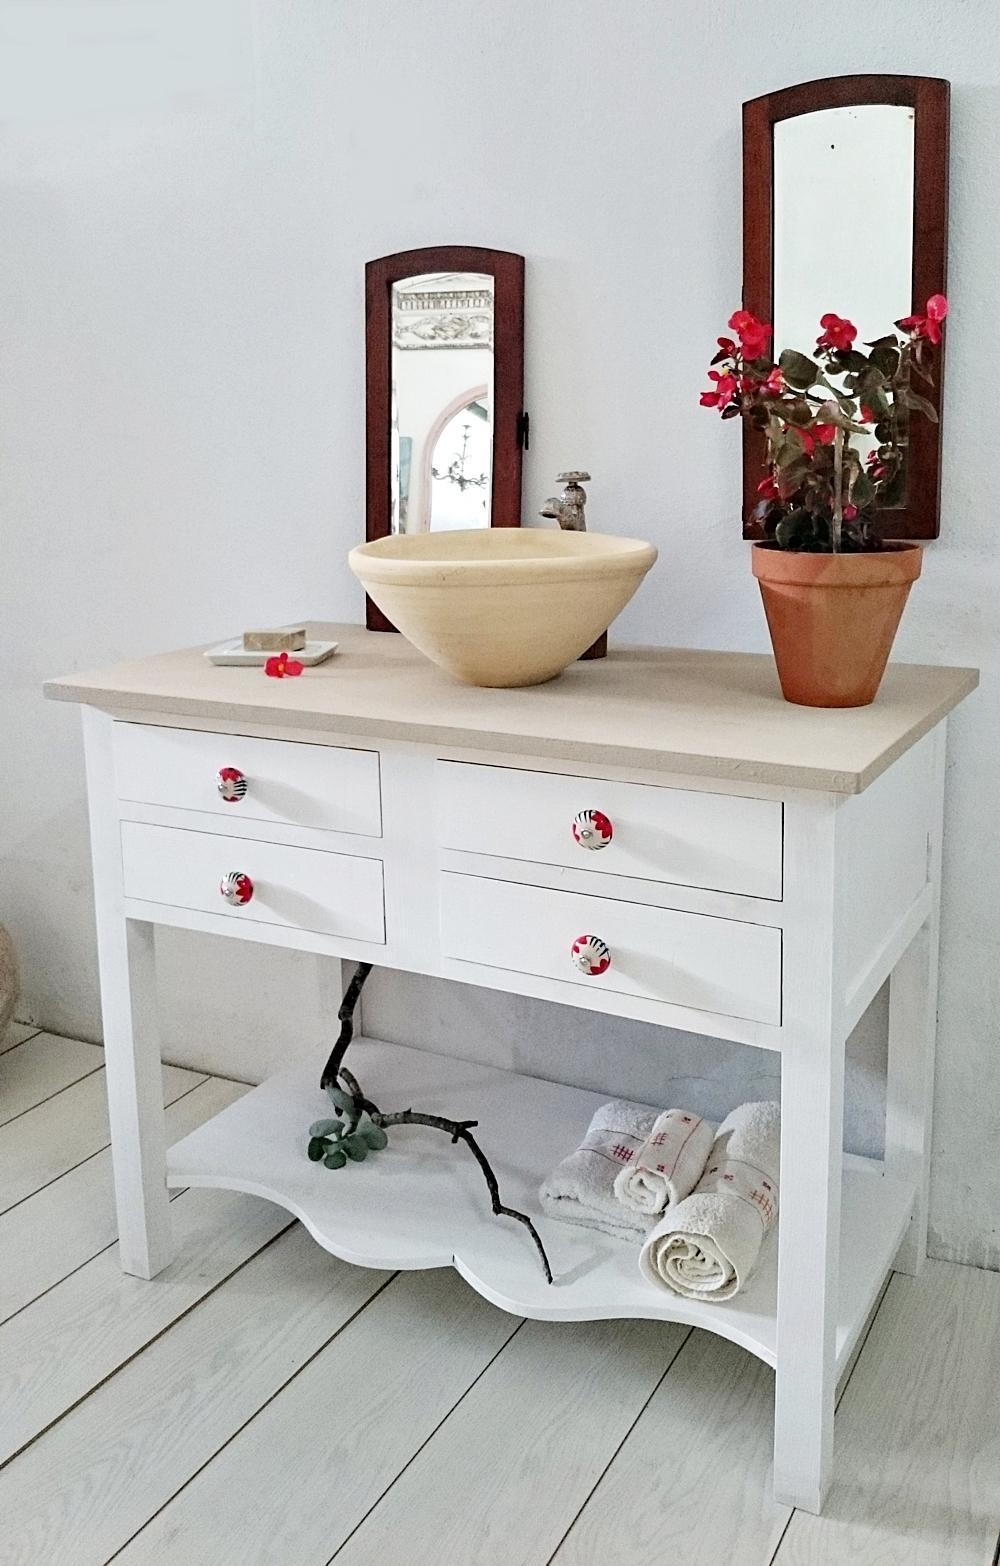 Mueble de ba o blanco decapado 4 cajones tienda online - Mueble blanco decapado ...